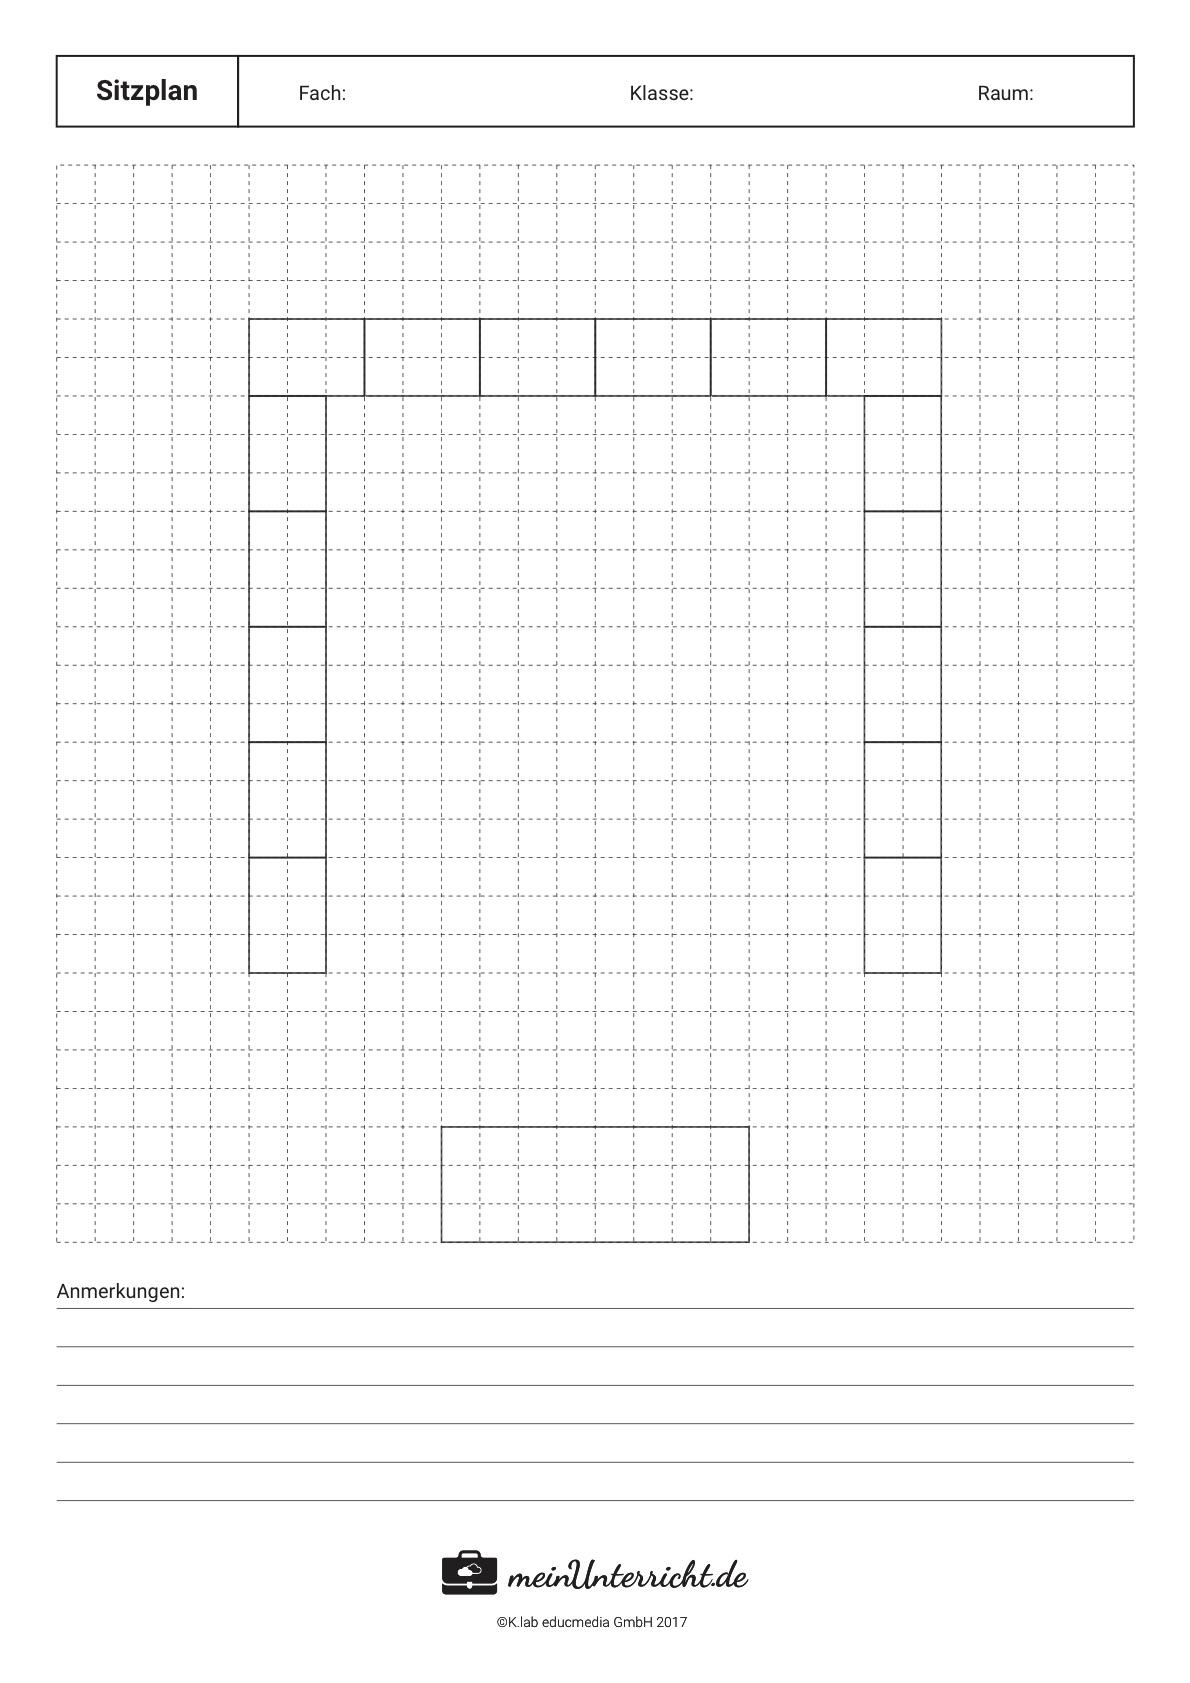 Sitzordnung in der Schule: Die U-Form